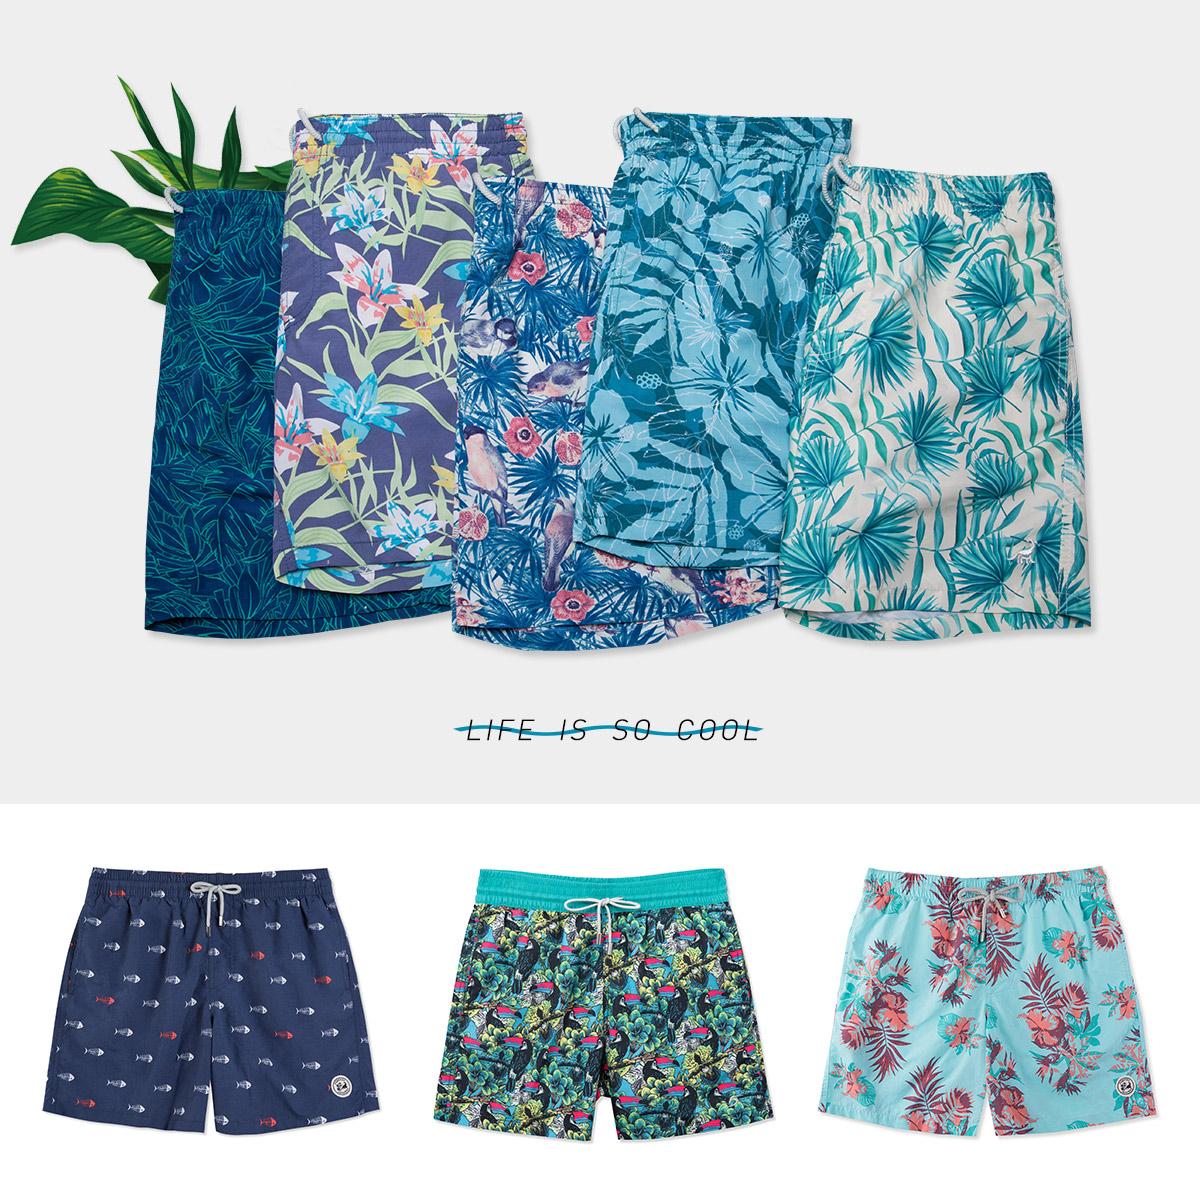 surfcuz温泉男士休闲短裤速干宽松大码海边度假可下水沙滩泳裤男